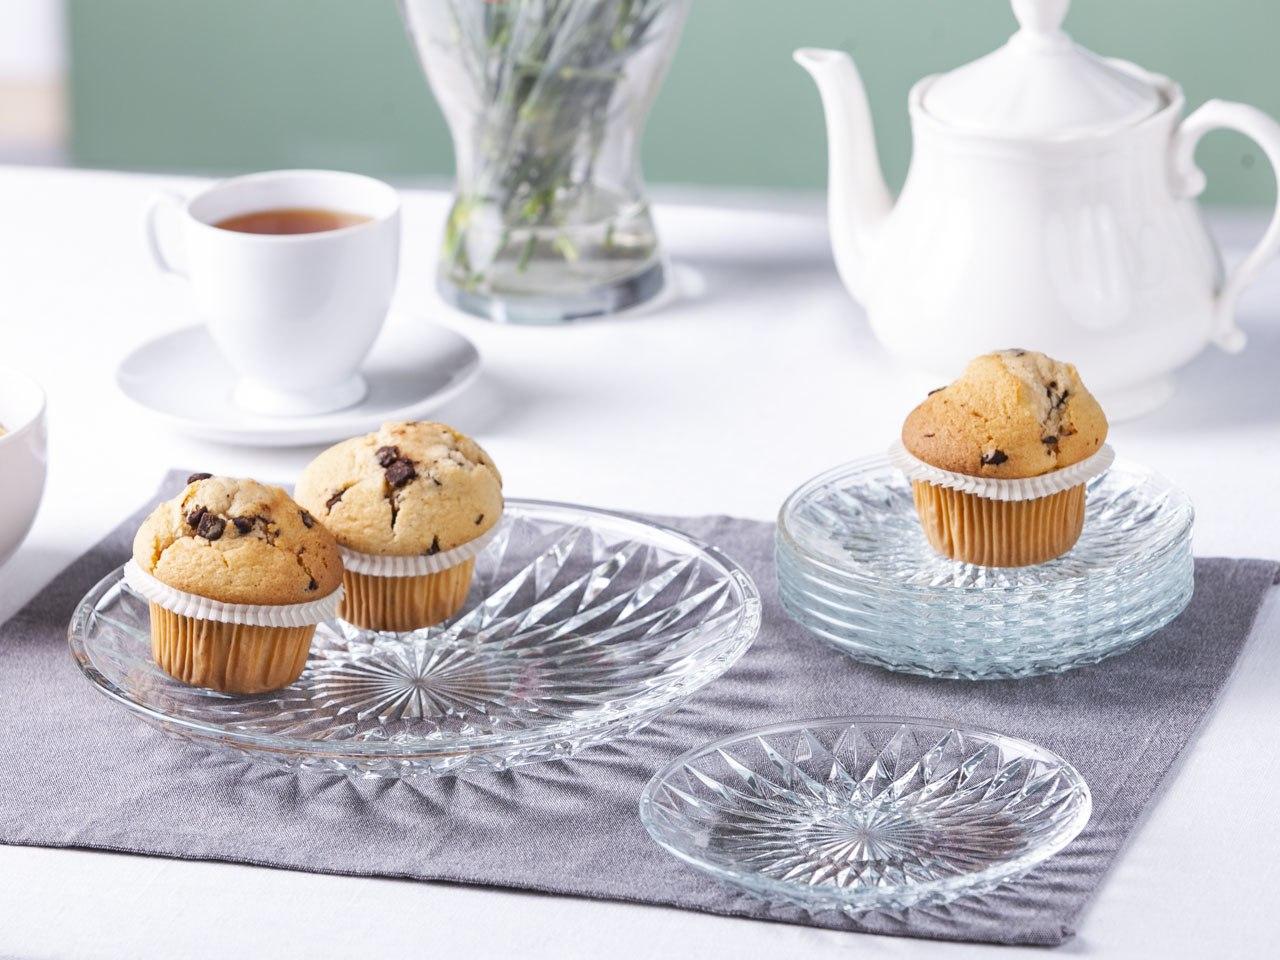 Zestaw deserowy do ciasta szklany Altom Design Stella (7 elementów)